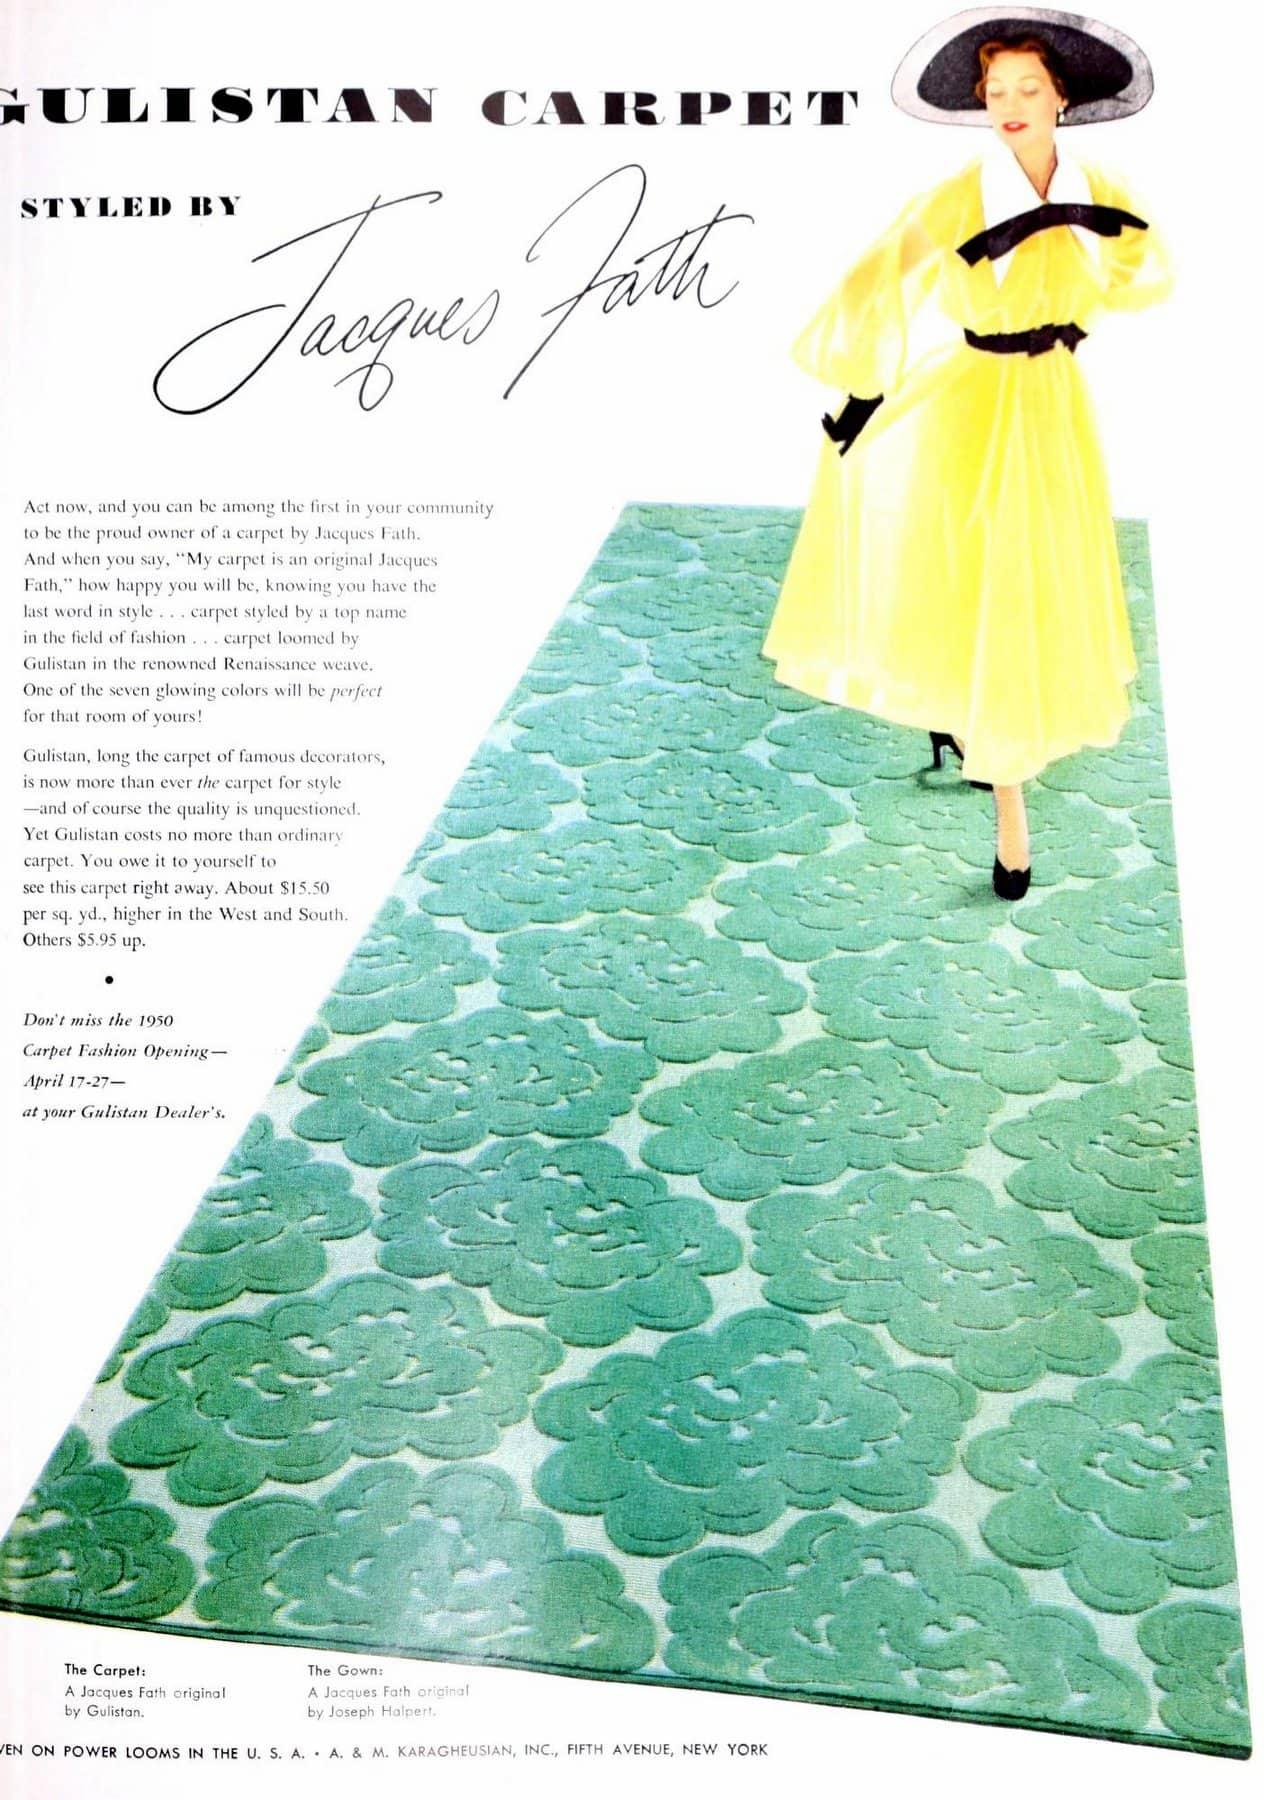 Vintage decorator Jacques Fath sculpted carpet (1950)